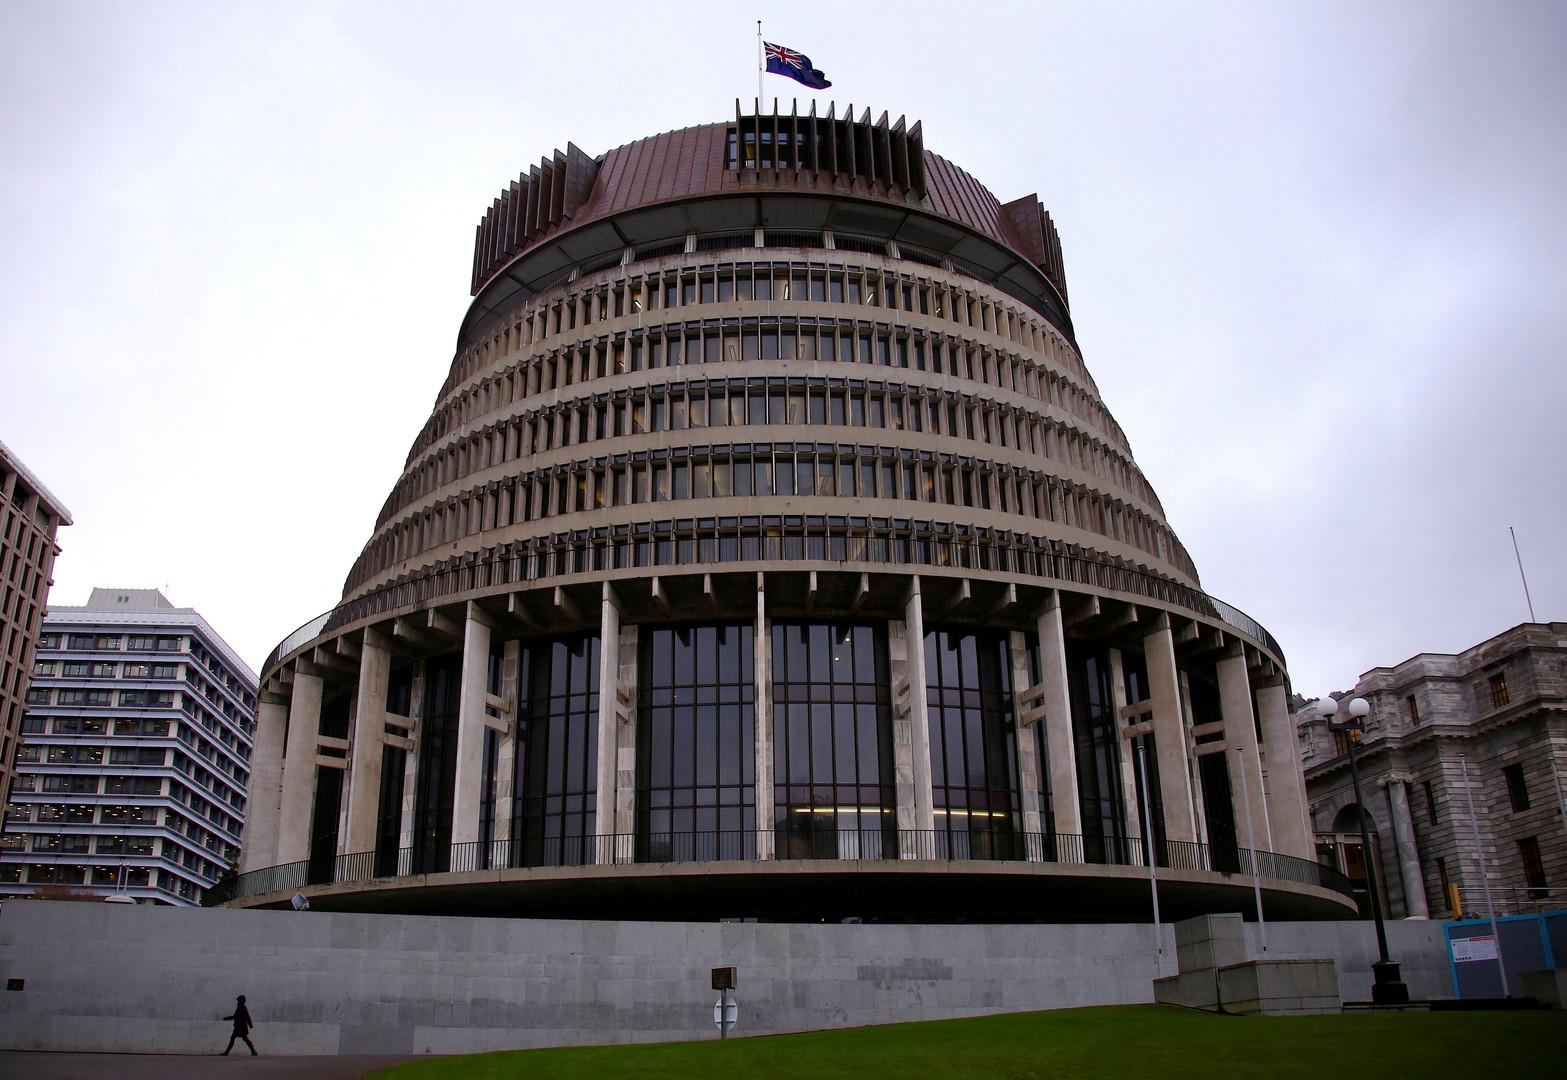 مغتصب يطارد النساء في أروقة البرلمان النيوزيلندي!